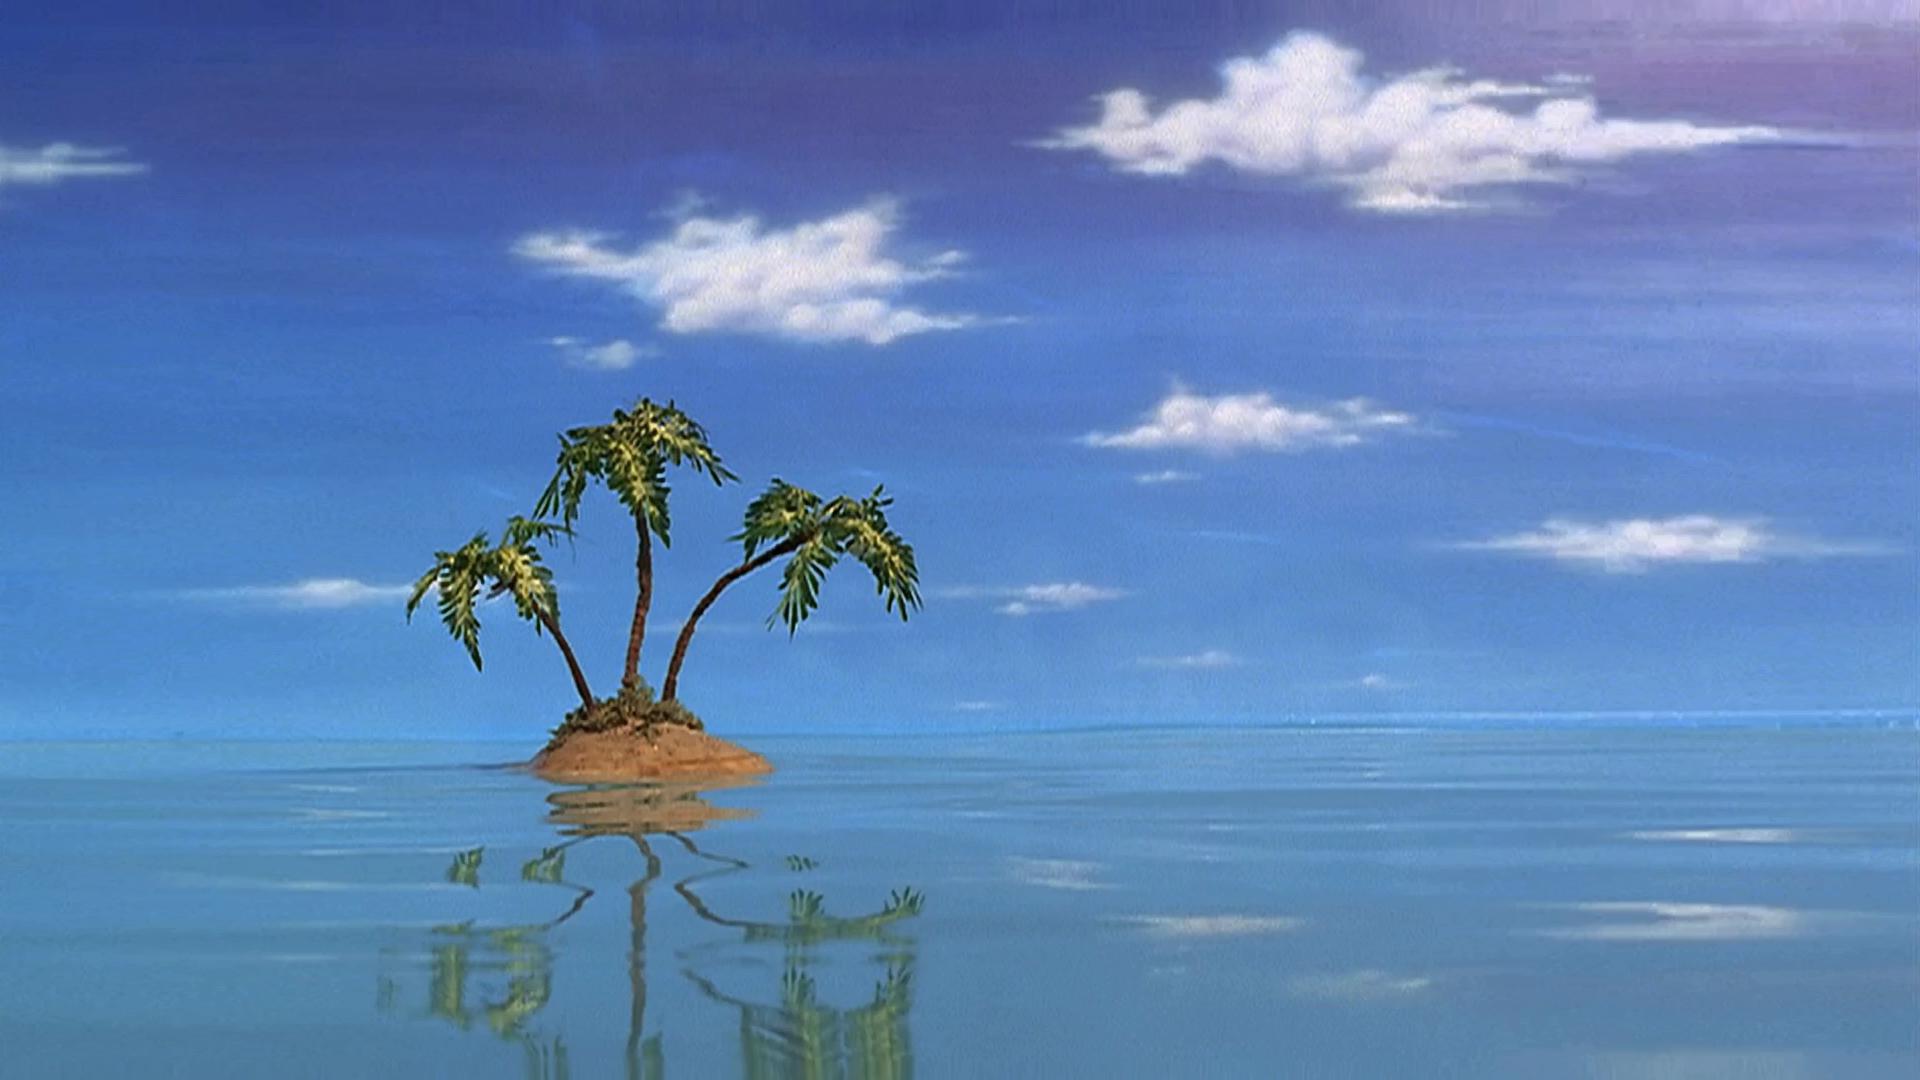 Bikinin Atolli